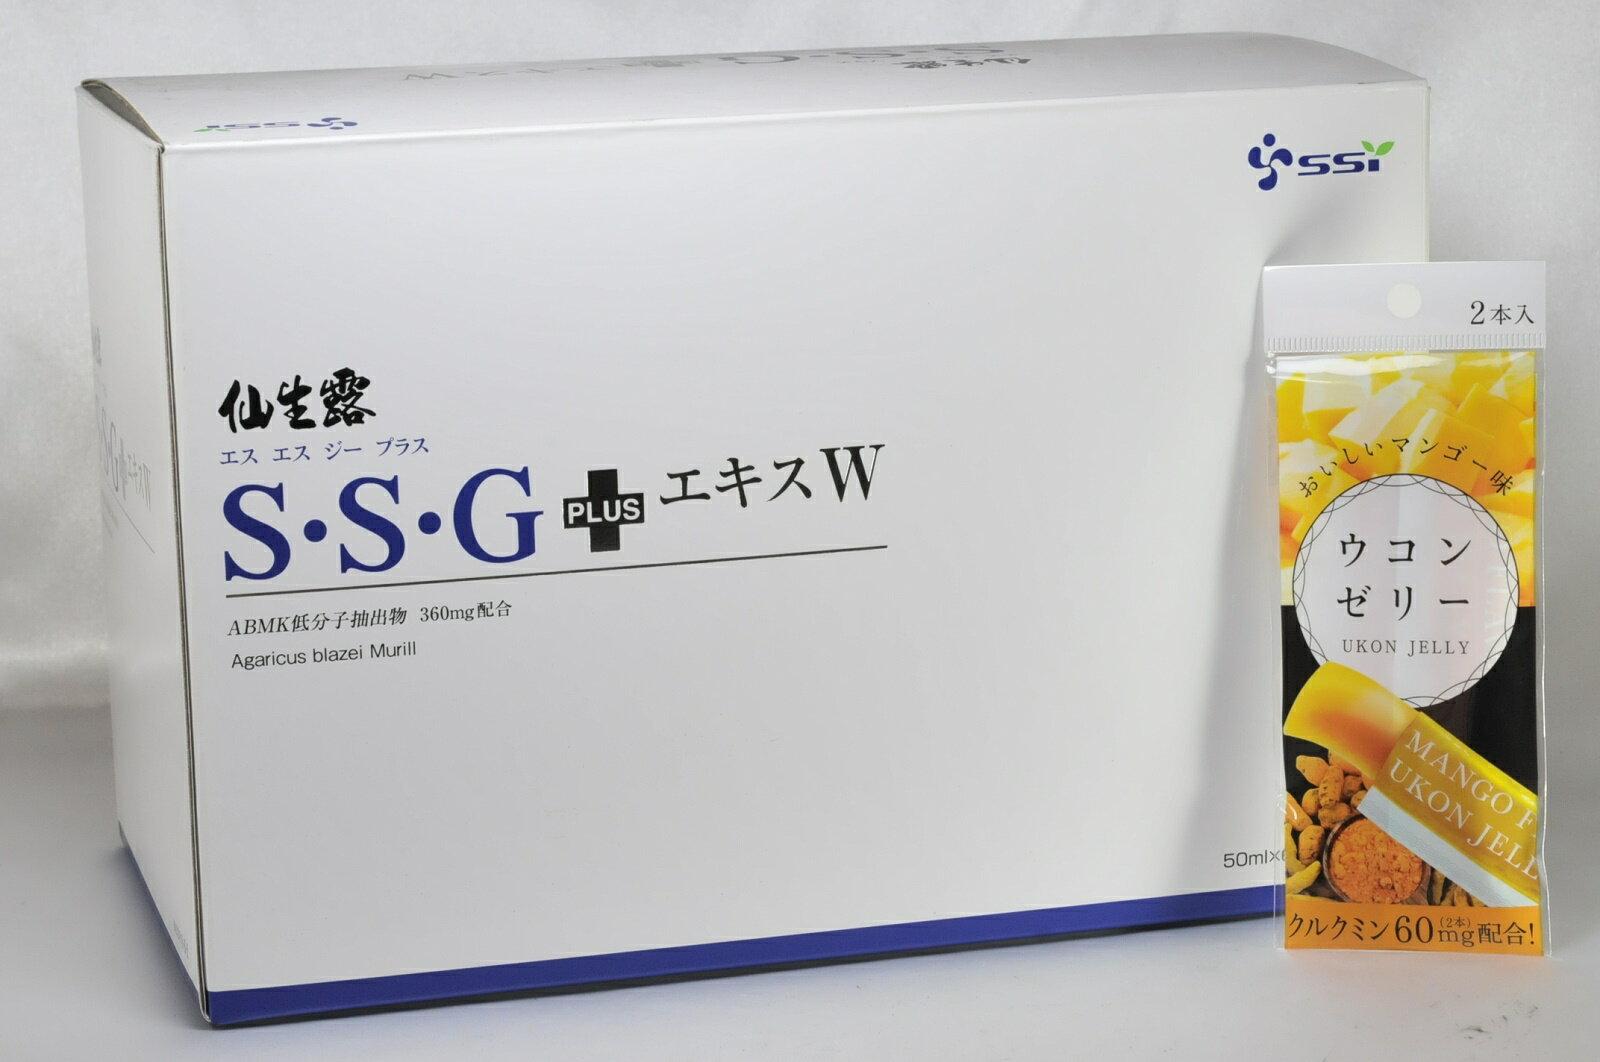 【ふるさと納税】仙生露S・S・G+エキスW50ml×60包、ウコンゼリー2本セット